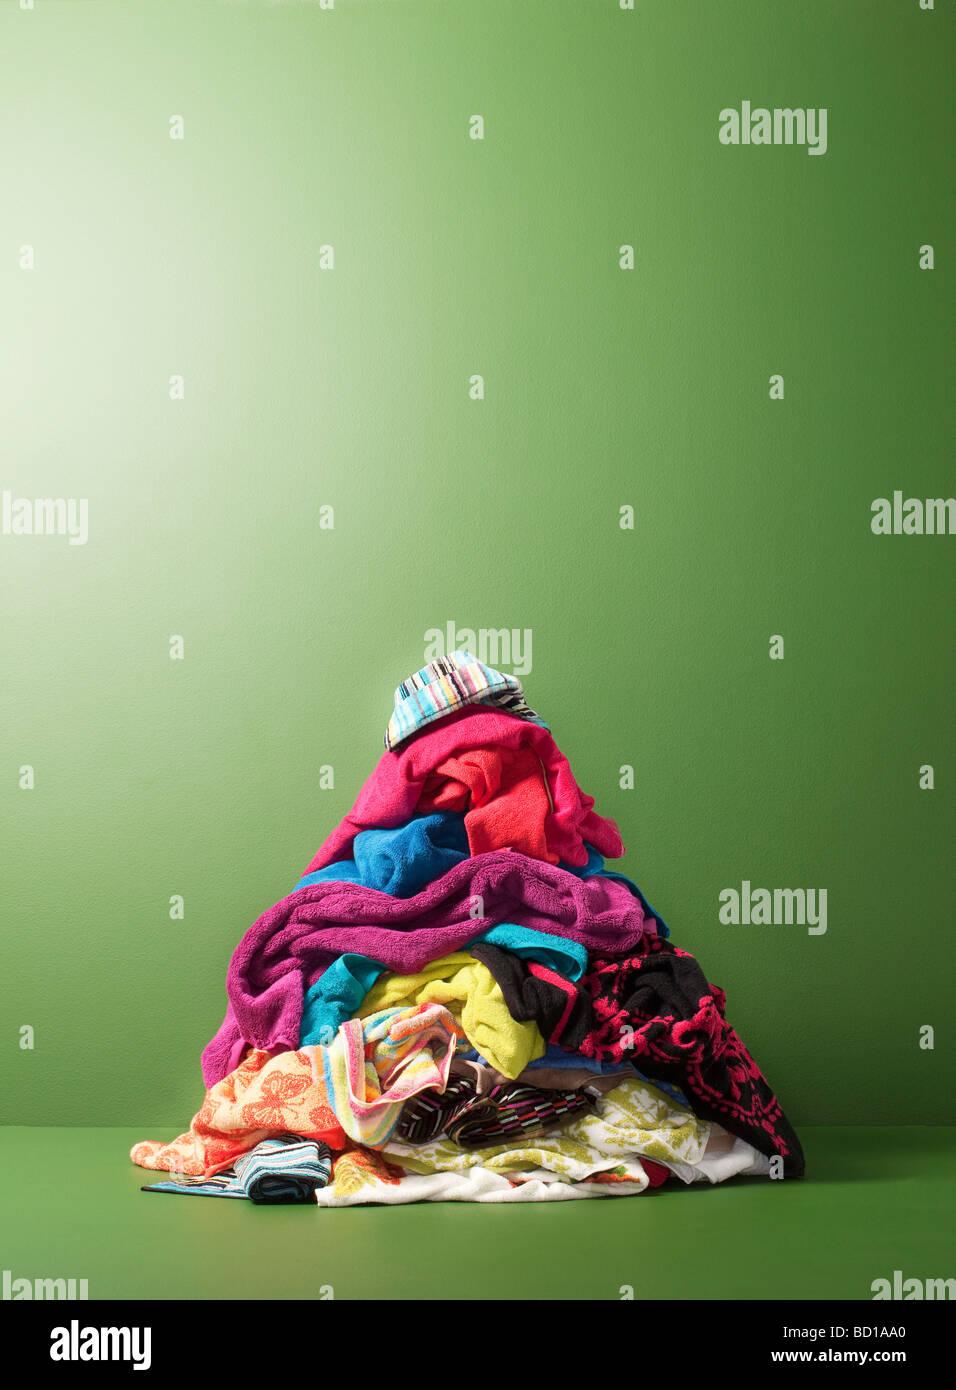 Pila di asciugamani per servizio lavanderia Immagini Stock